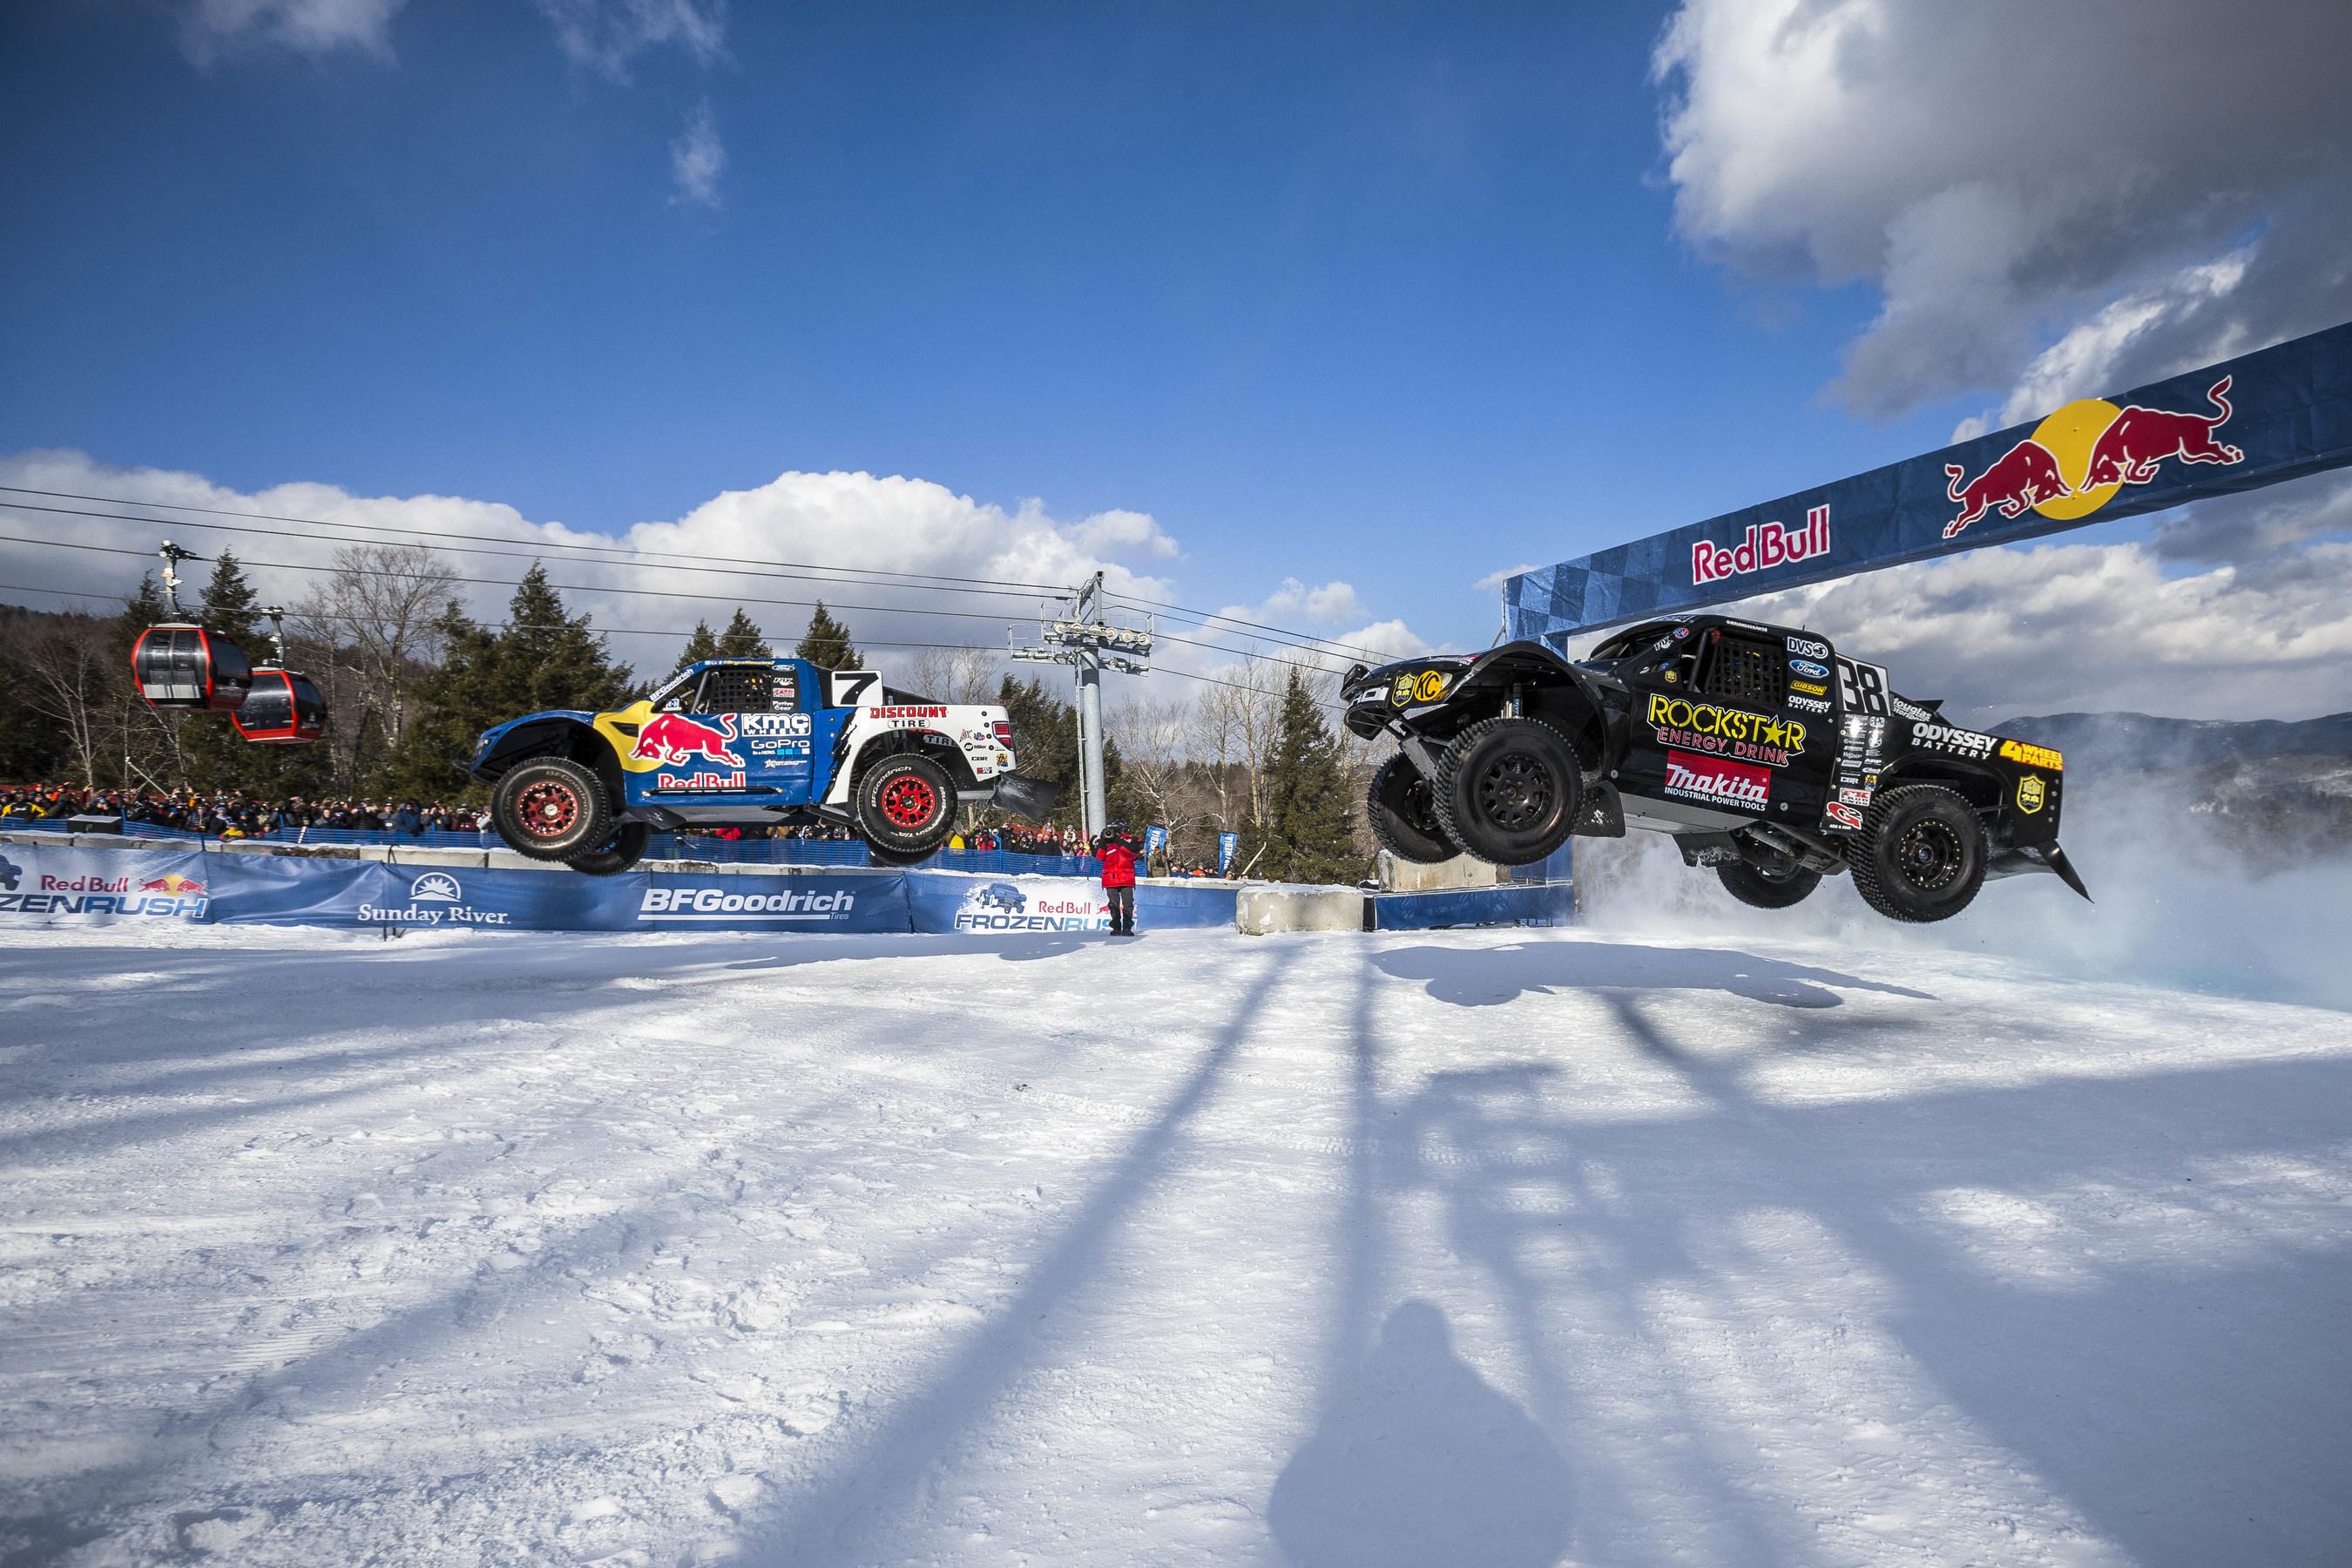 Red Bull Frozen